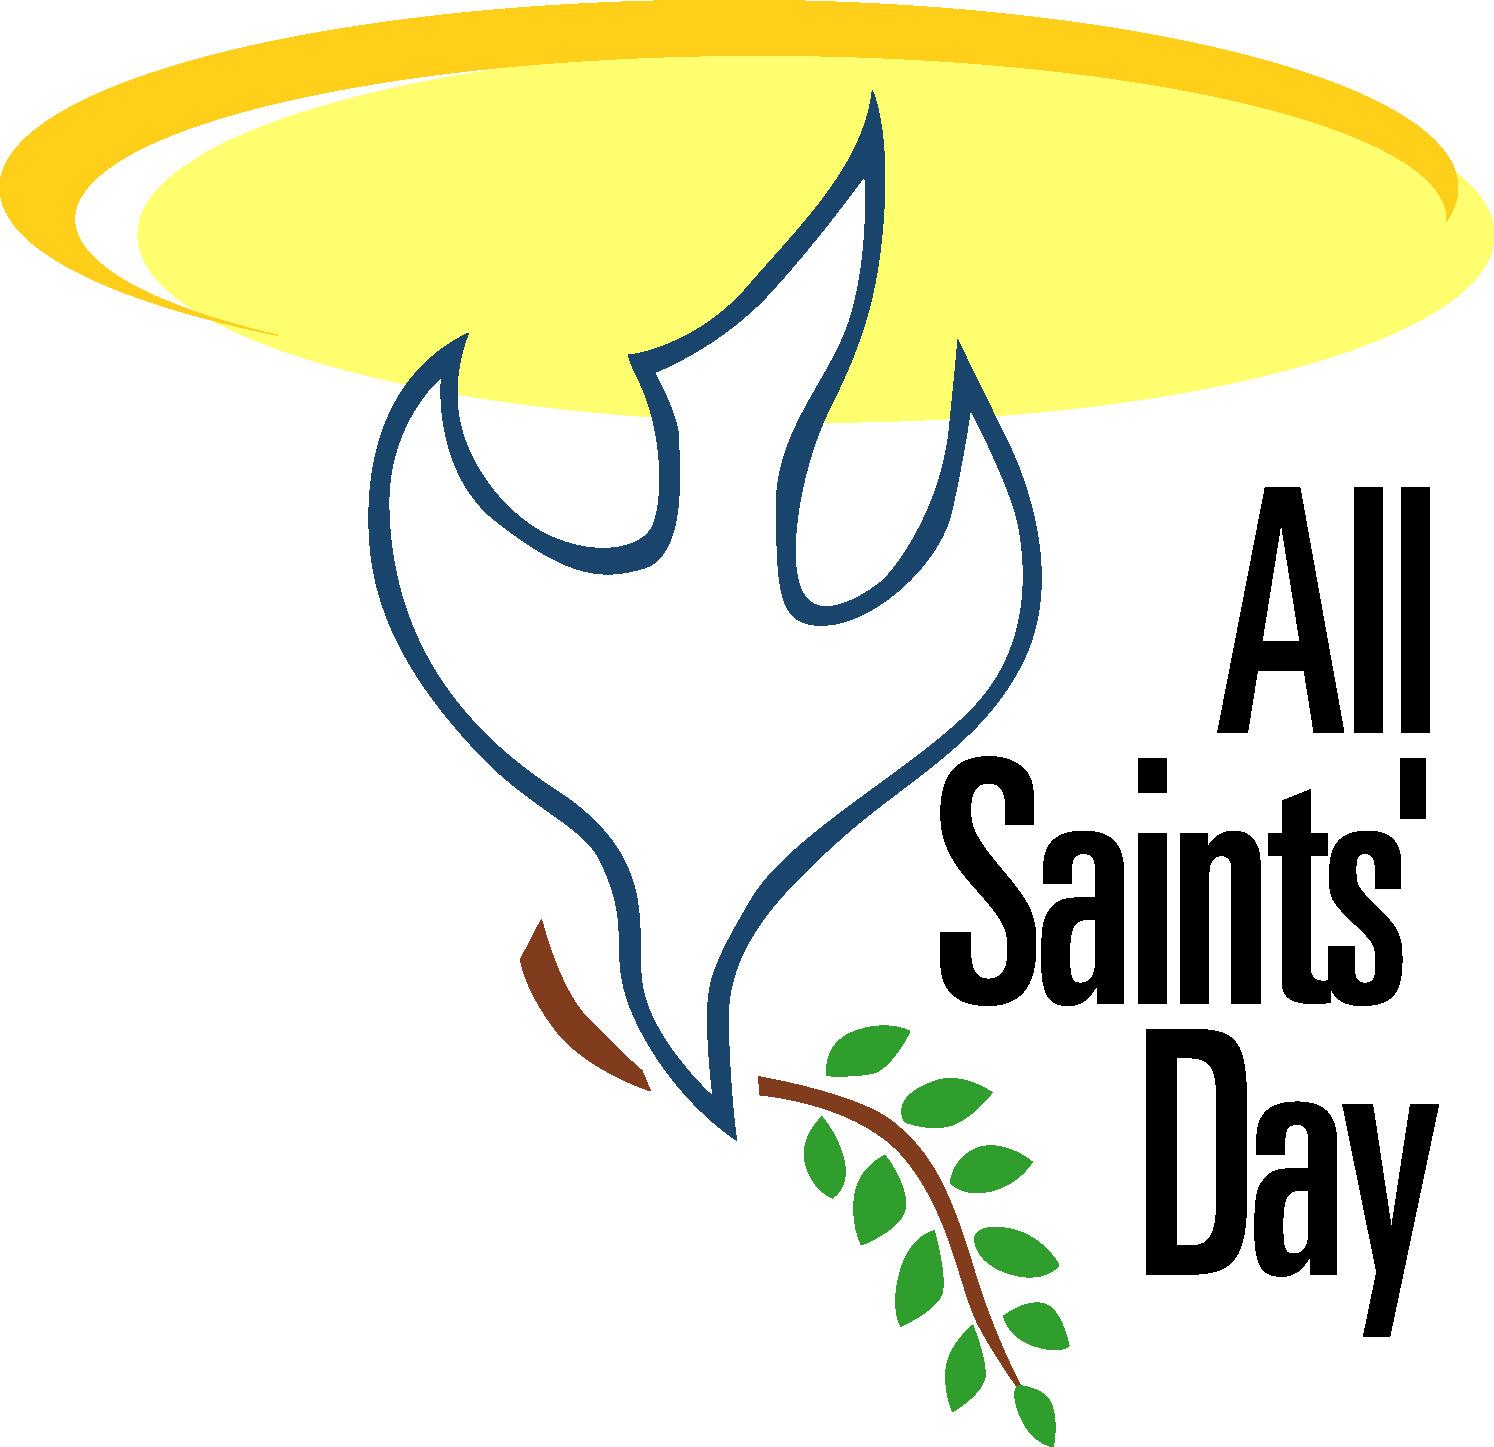 Knowcrazy Com All Saints Day 2012